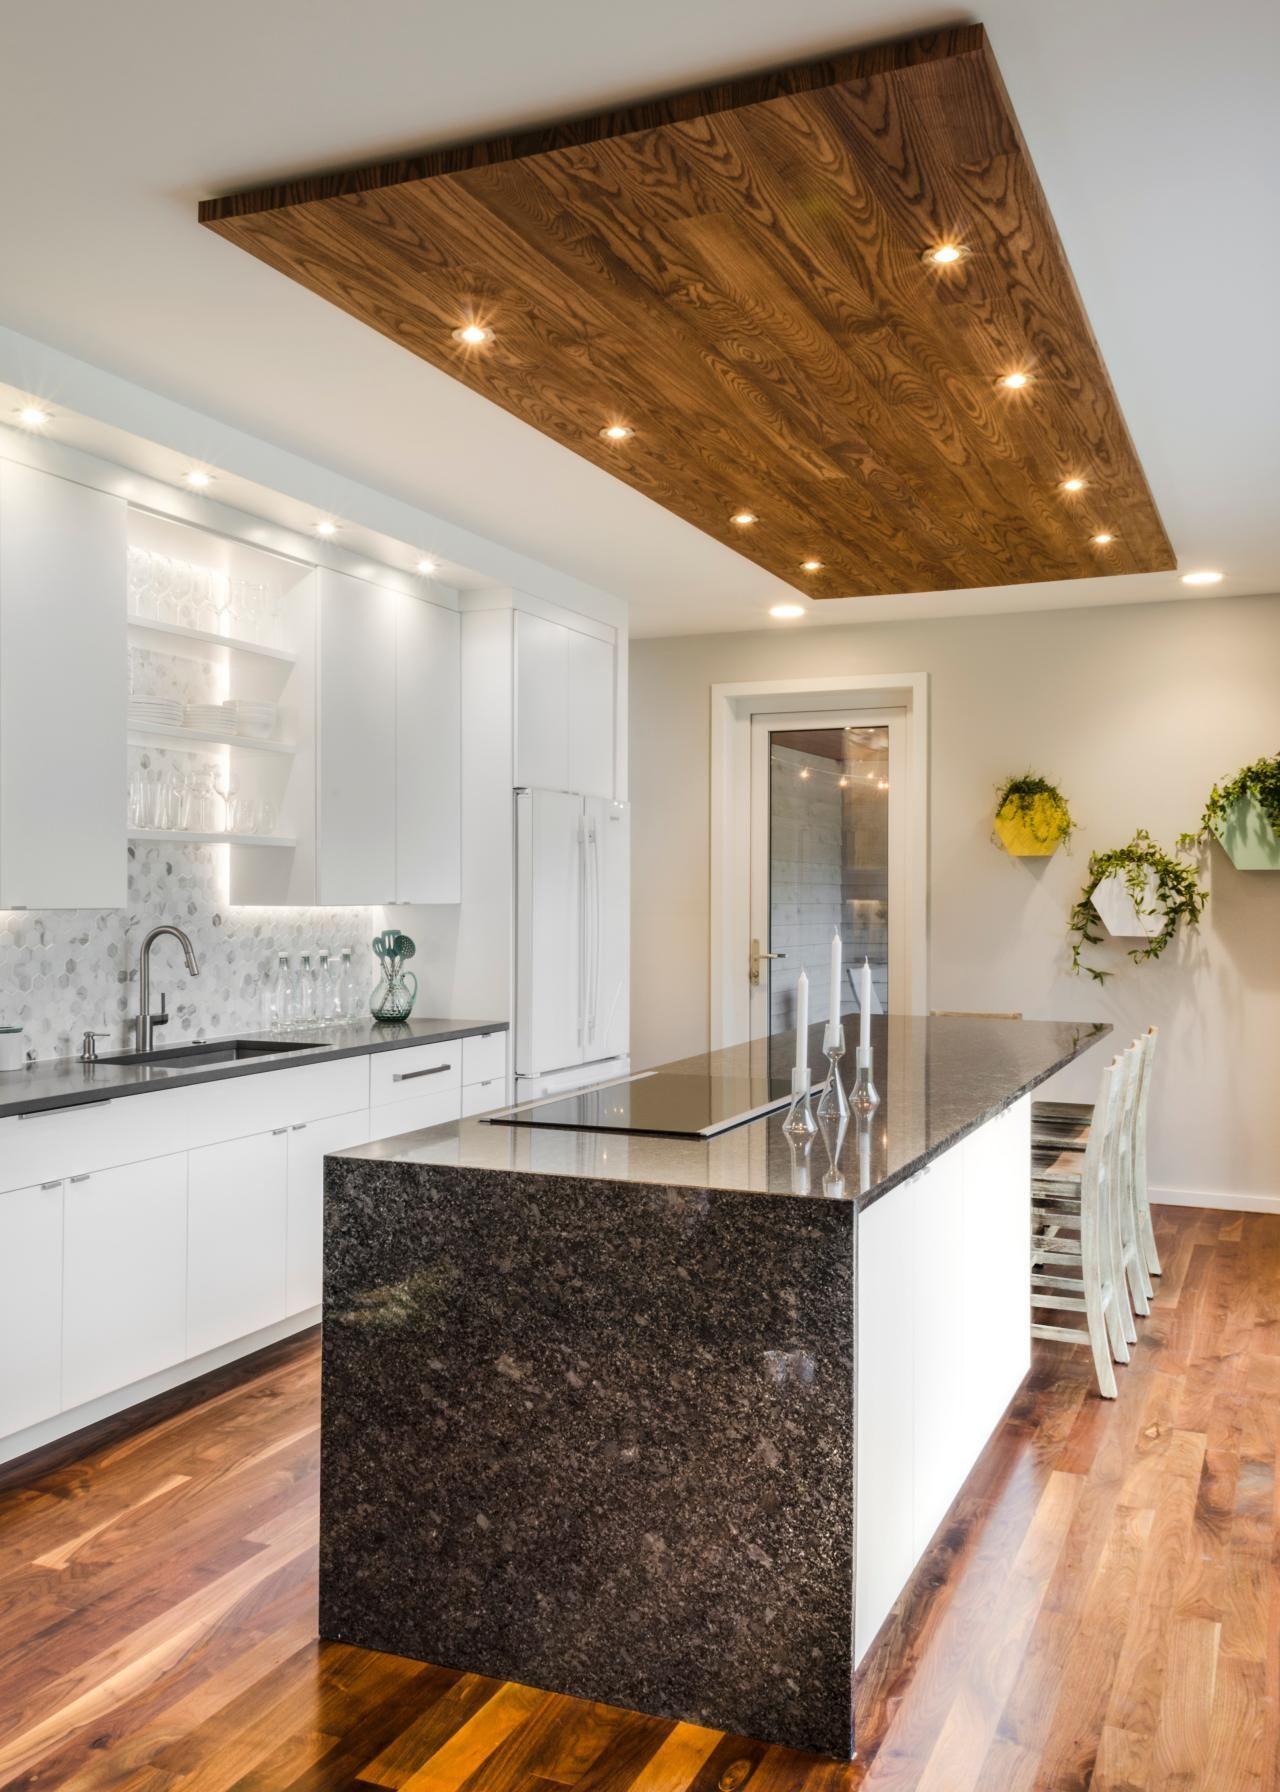 Kitchen Light Design Amazing 21 Stunning Kitchen Ceiling Design Ideas  Kitchen Lighting Design Inspiration Design